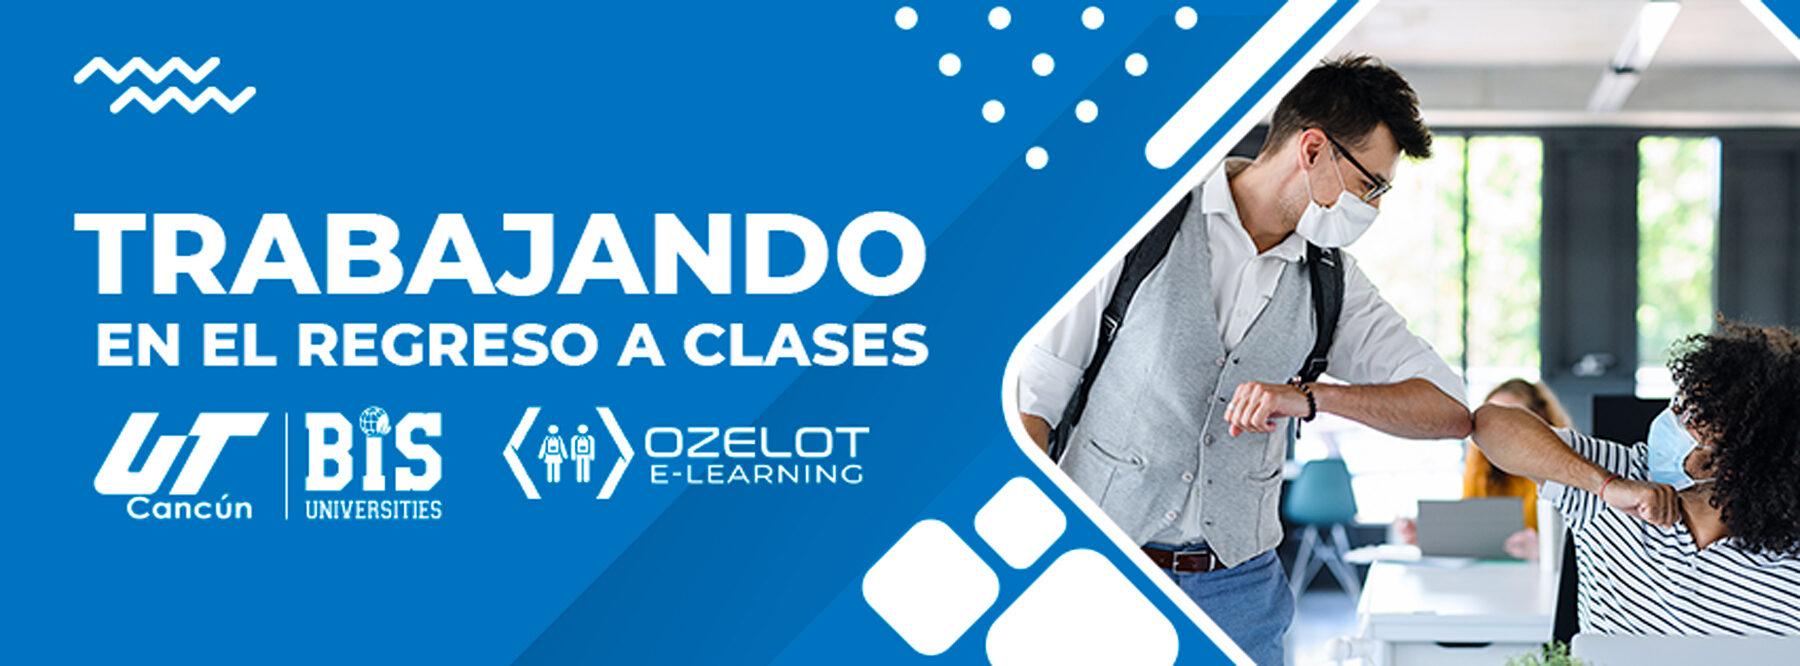 Ozelot e-learning y la UT Cancún trabajando en el mejor regreso a clases